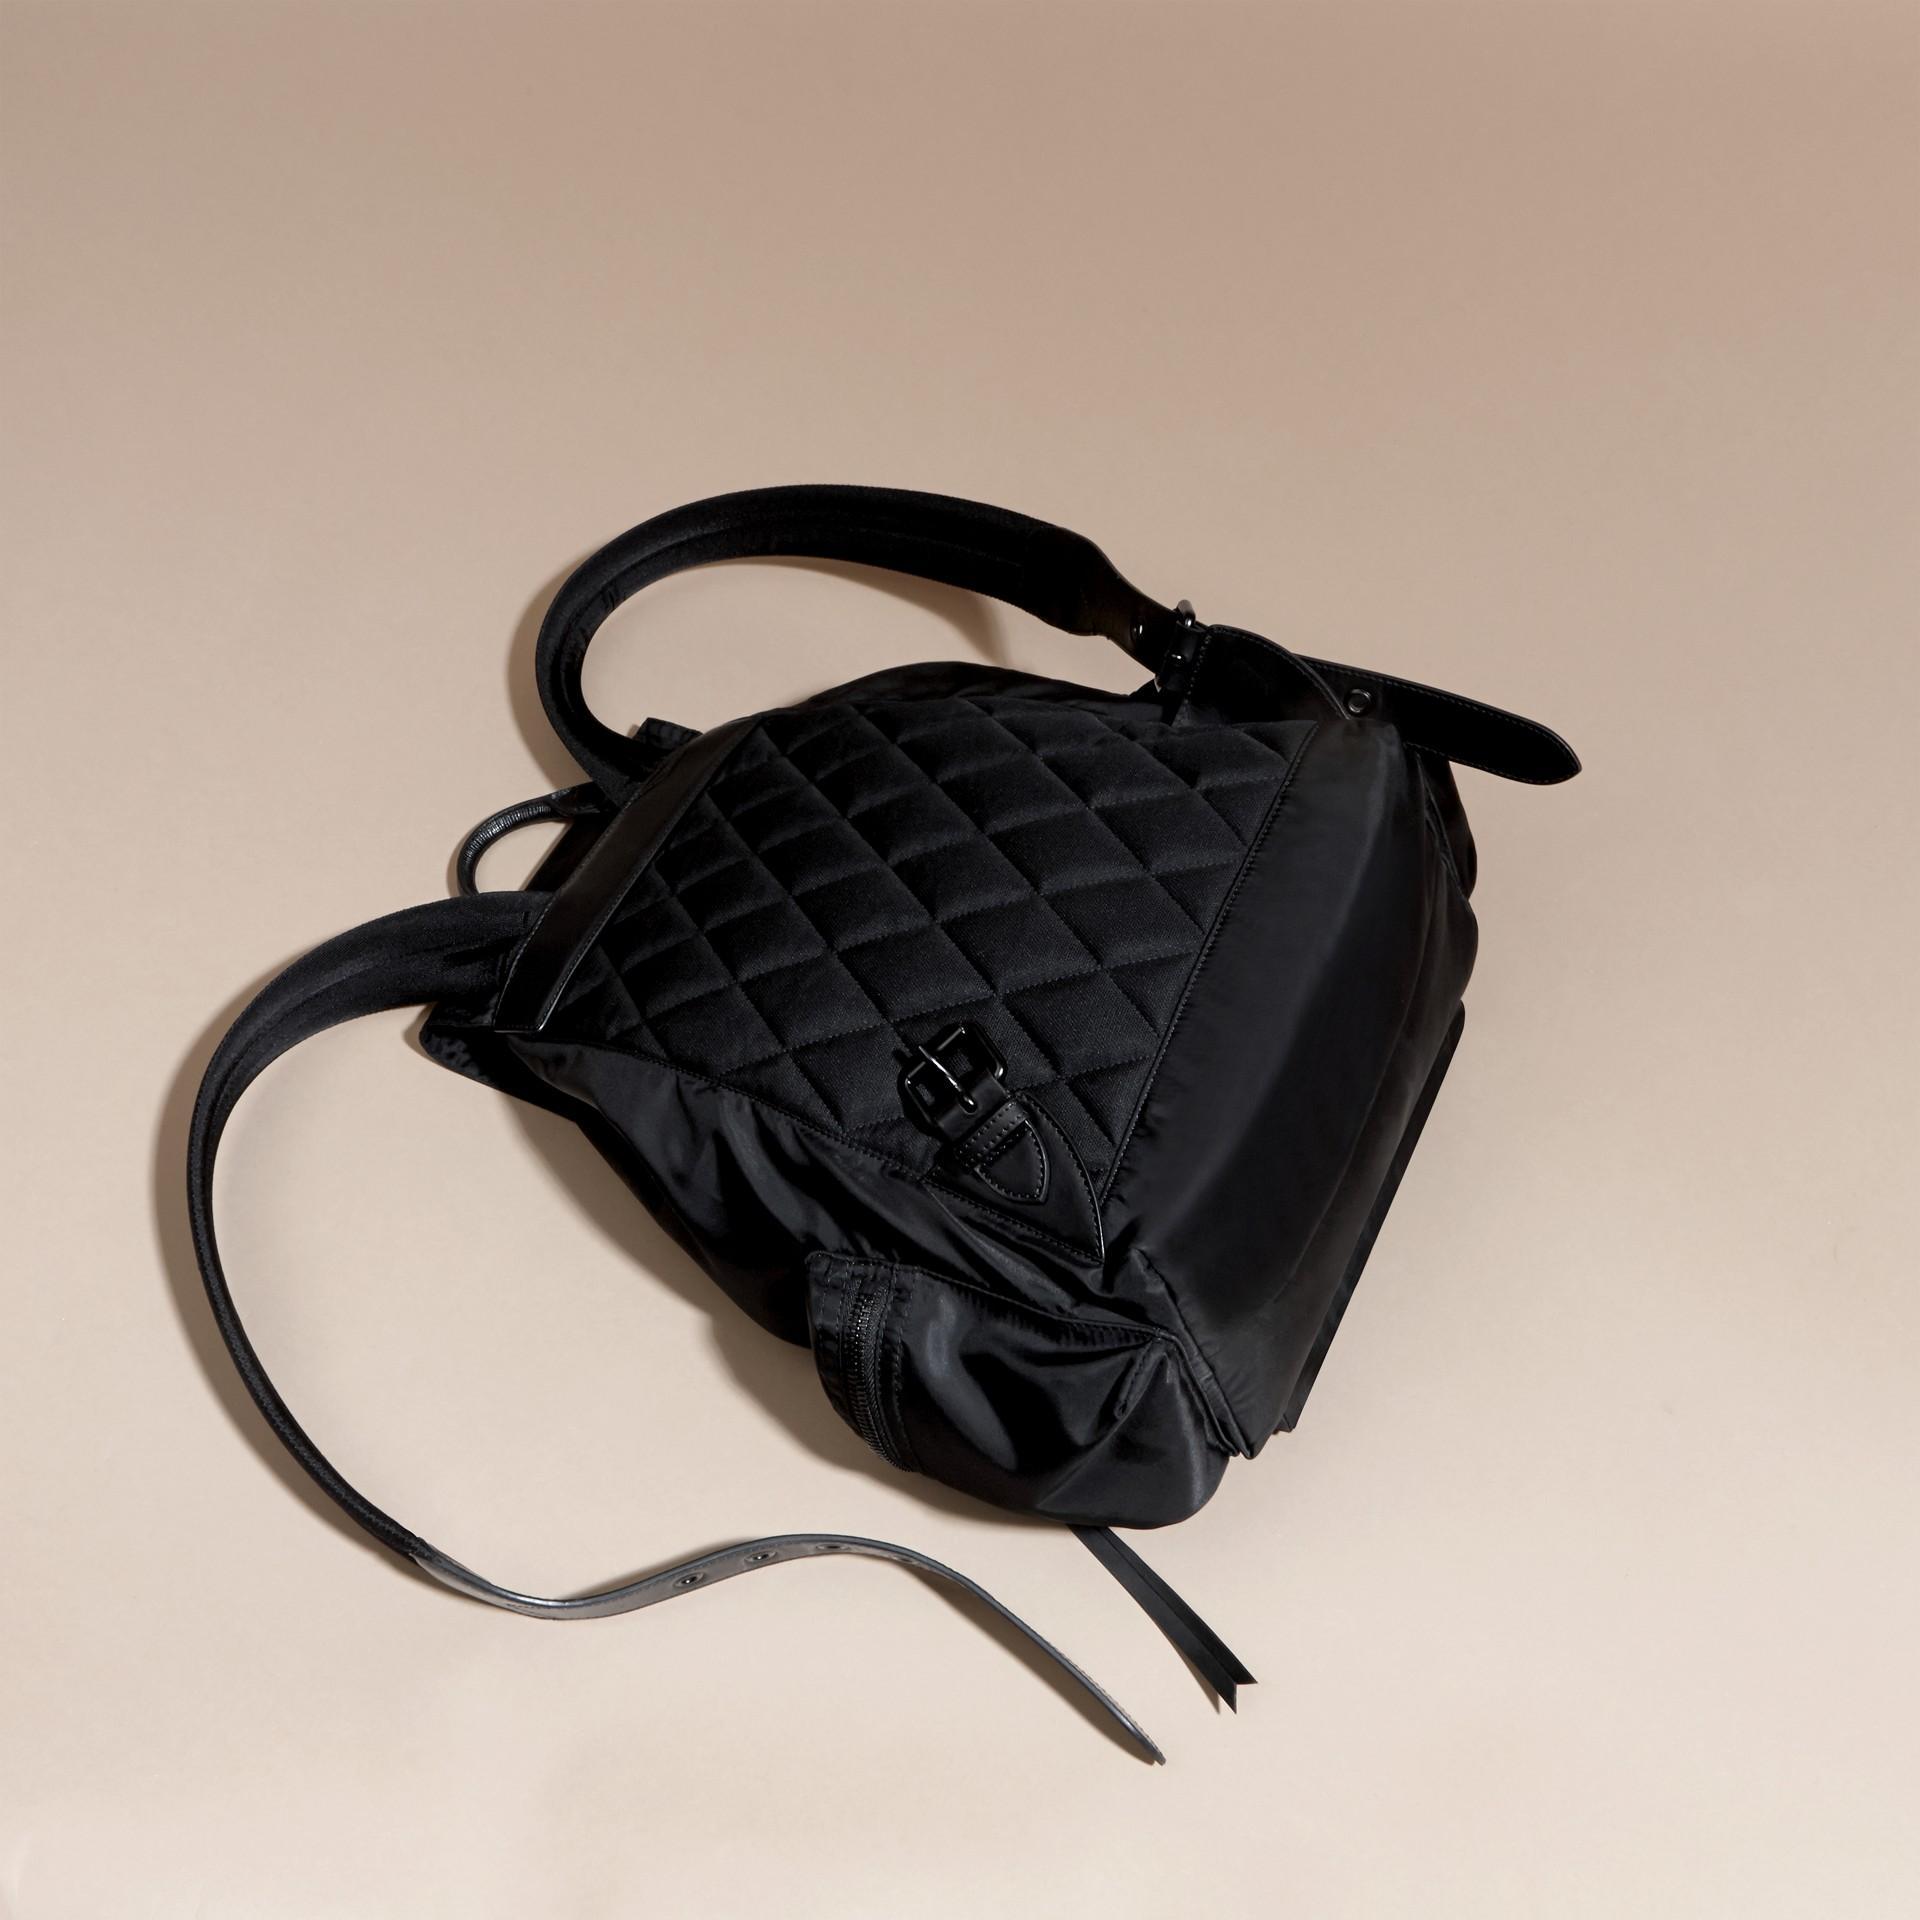 Noir Grand sac The Rucksack en nylon technique et cuir Noir - photo de la galerie 4